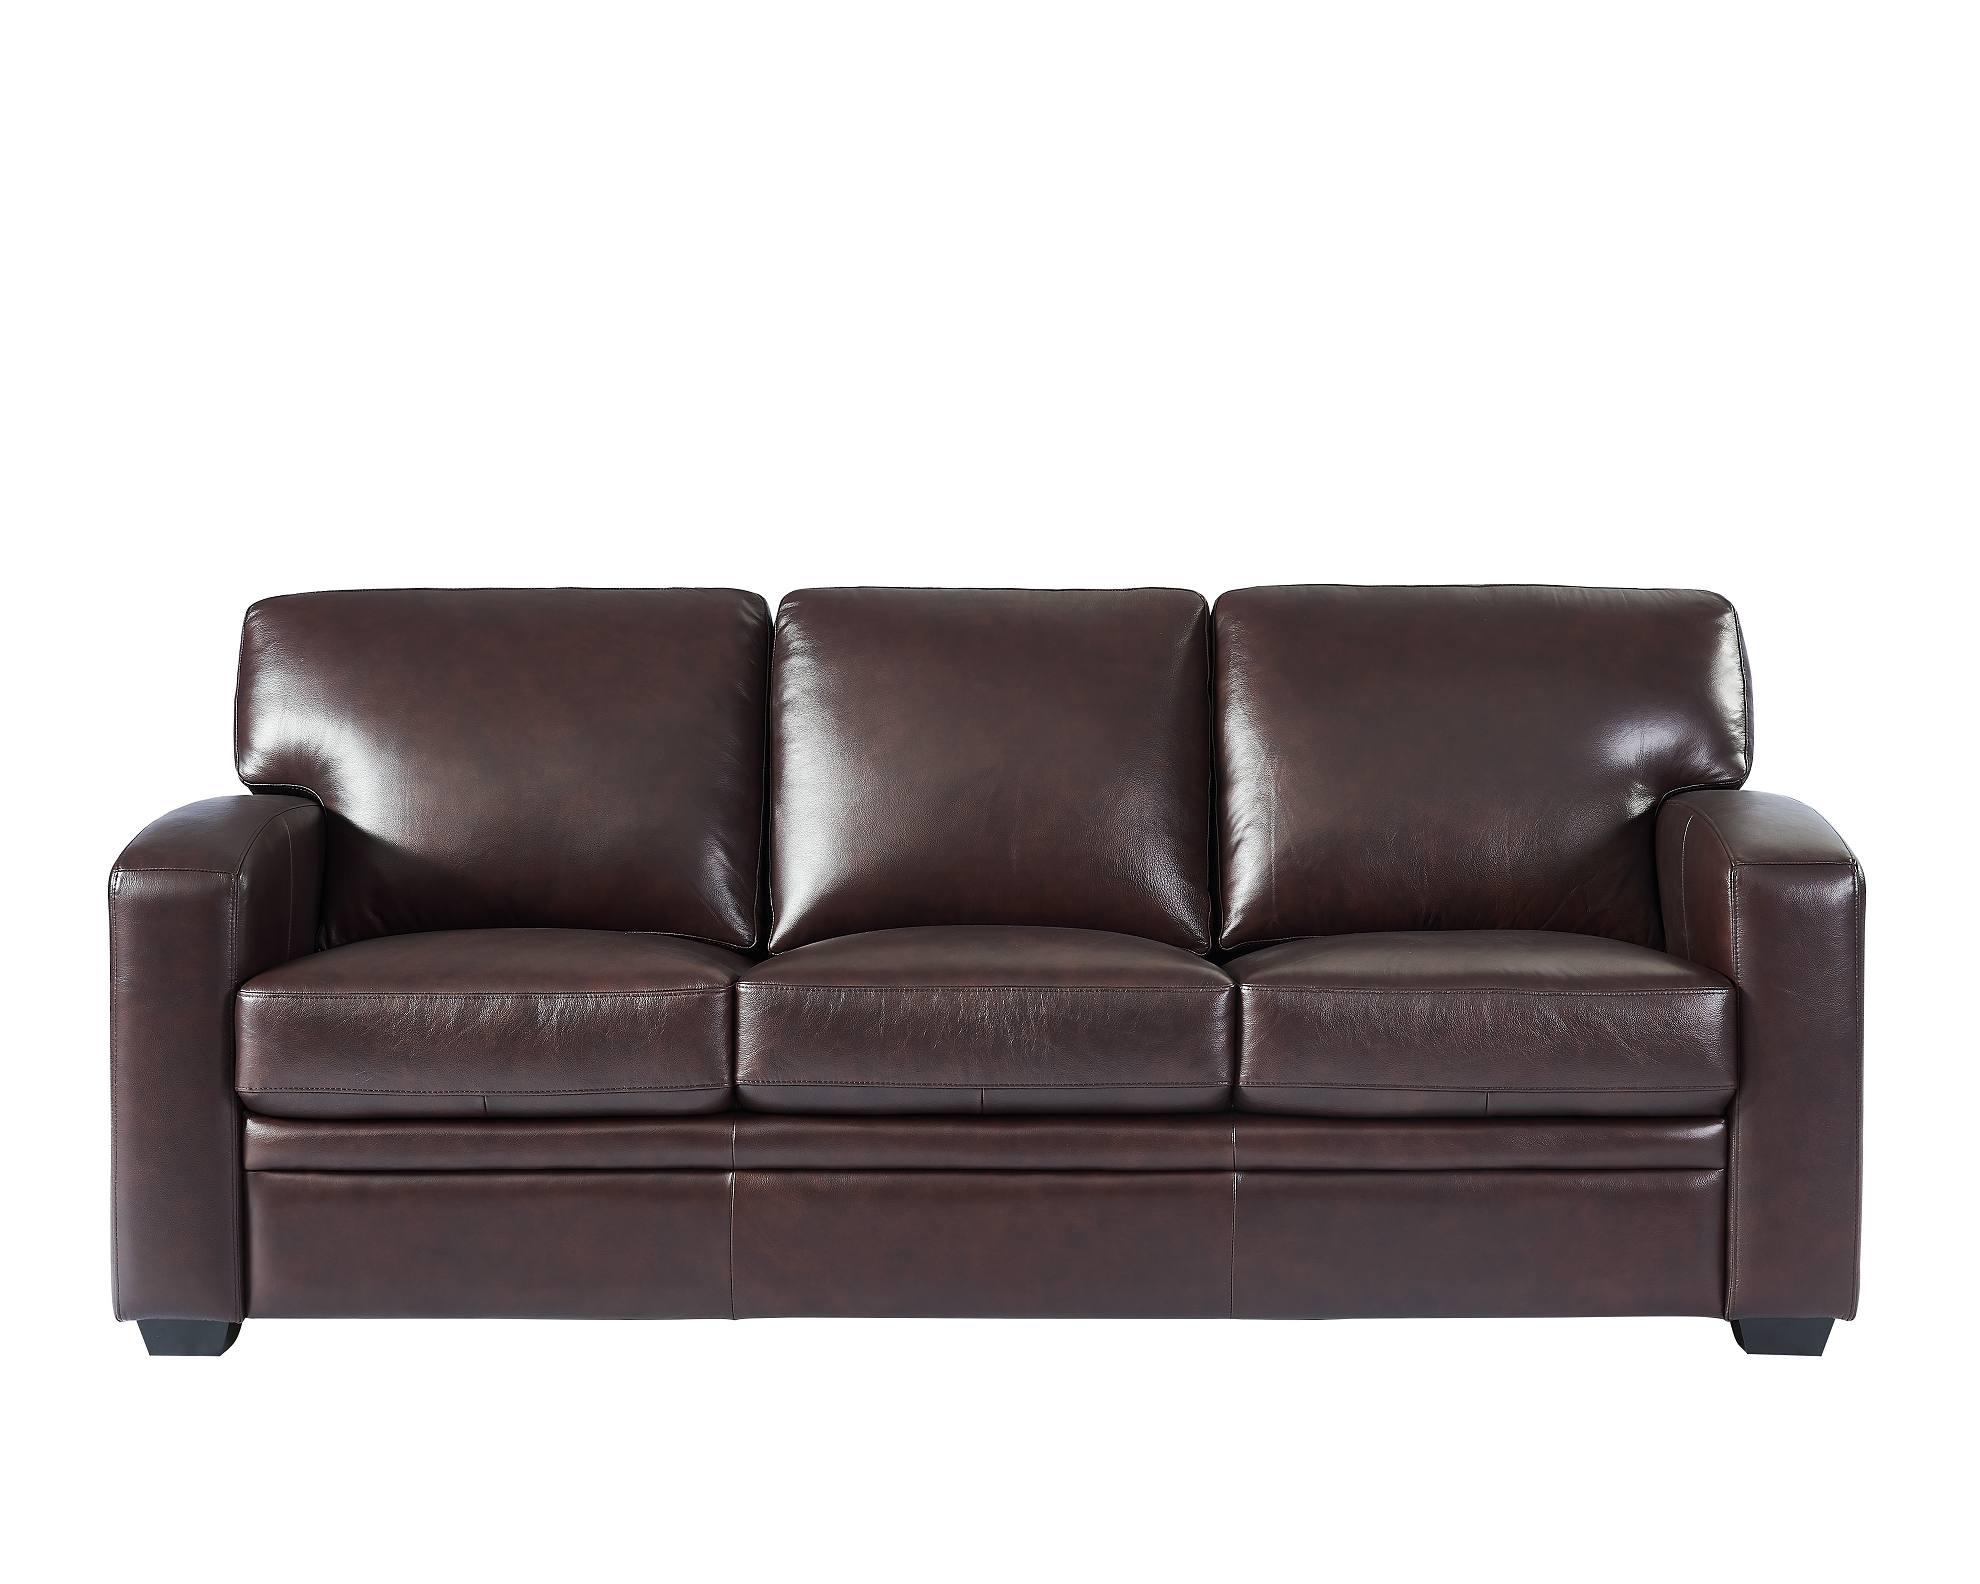 Durango Sofa